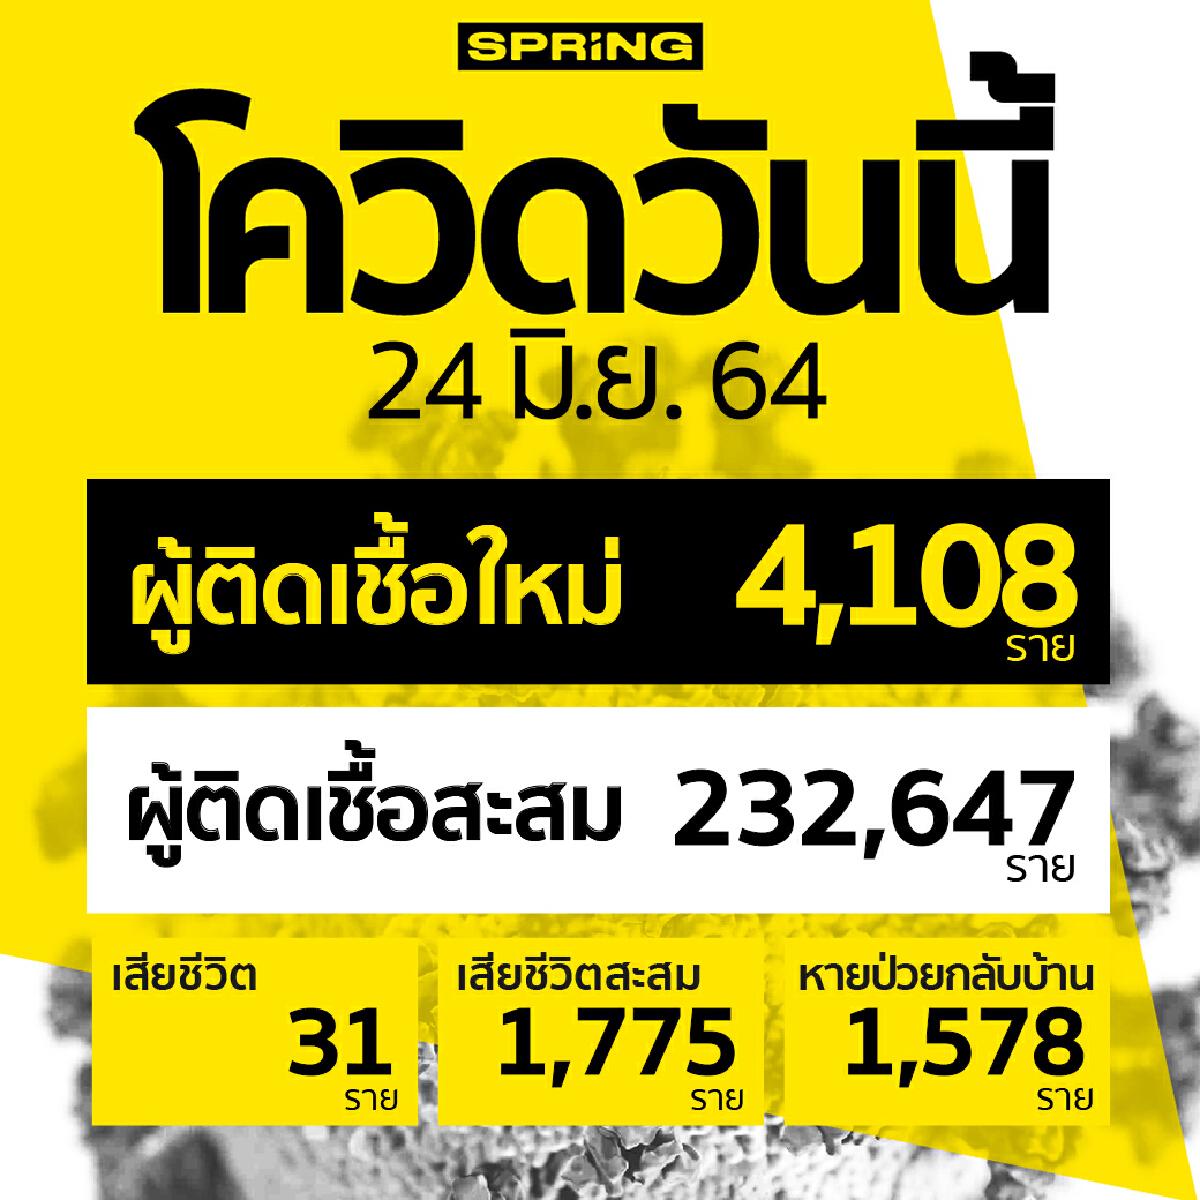 โควิดวันนี้ ติดเชื้อพุ่ง 4,108 ราย เสียชีวิต 31 ราย หายป่วยกลับบ้าน 1,578 ราย